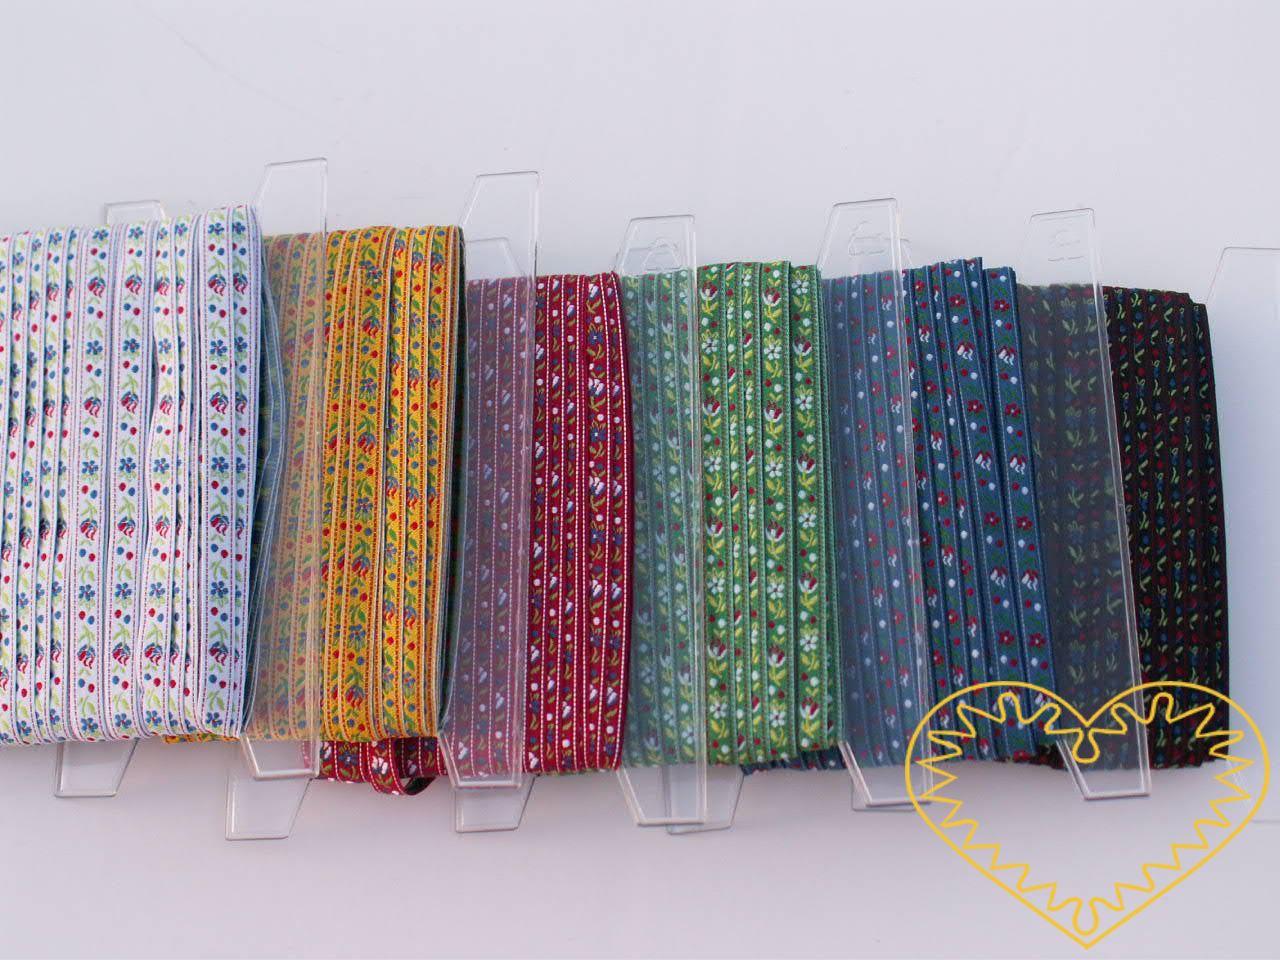 Úzká bílá krojová stuha - vzorovka - šíře 1 cm. Textilní tkaná stuha s jemným vzorkem je vhodná zvláště k lemování tkanin a šatů panenek a maňásků.